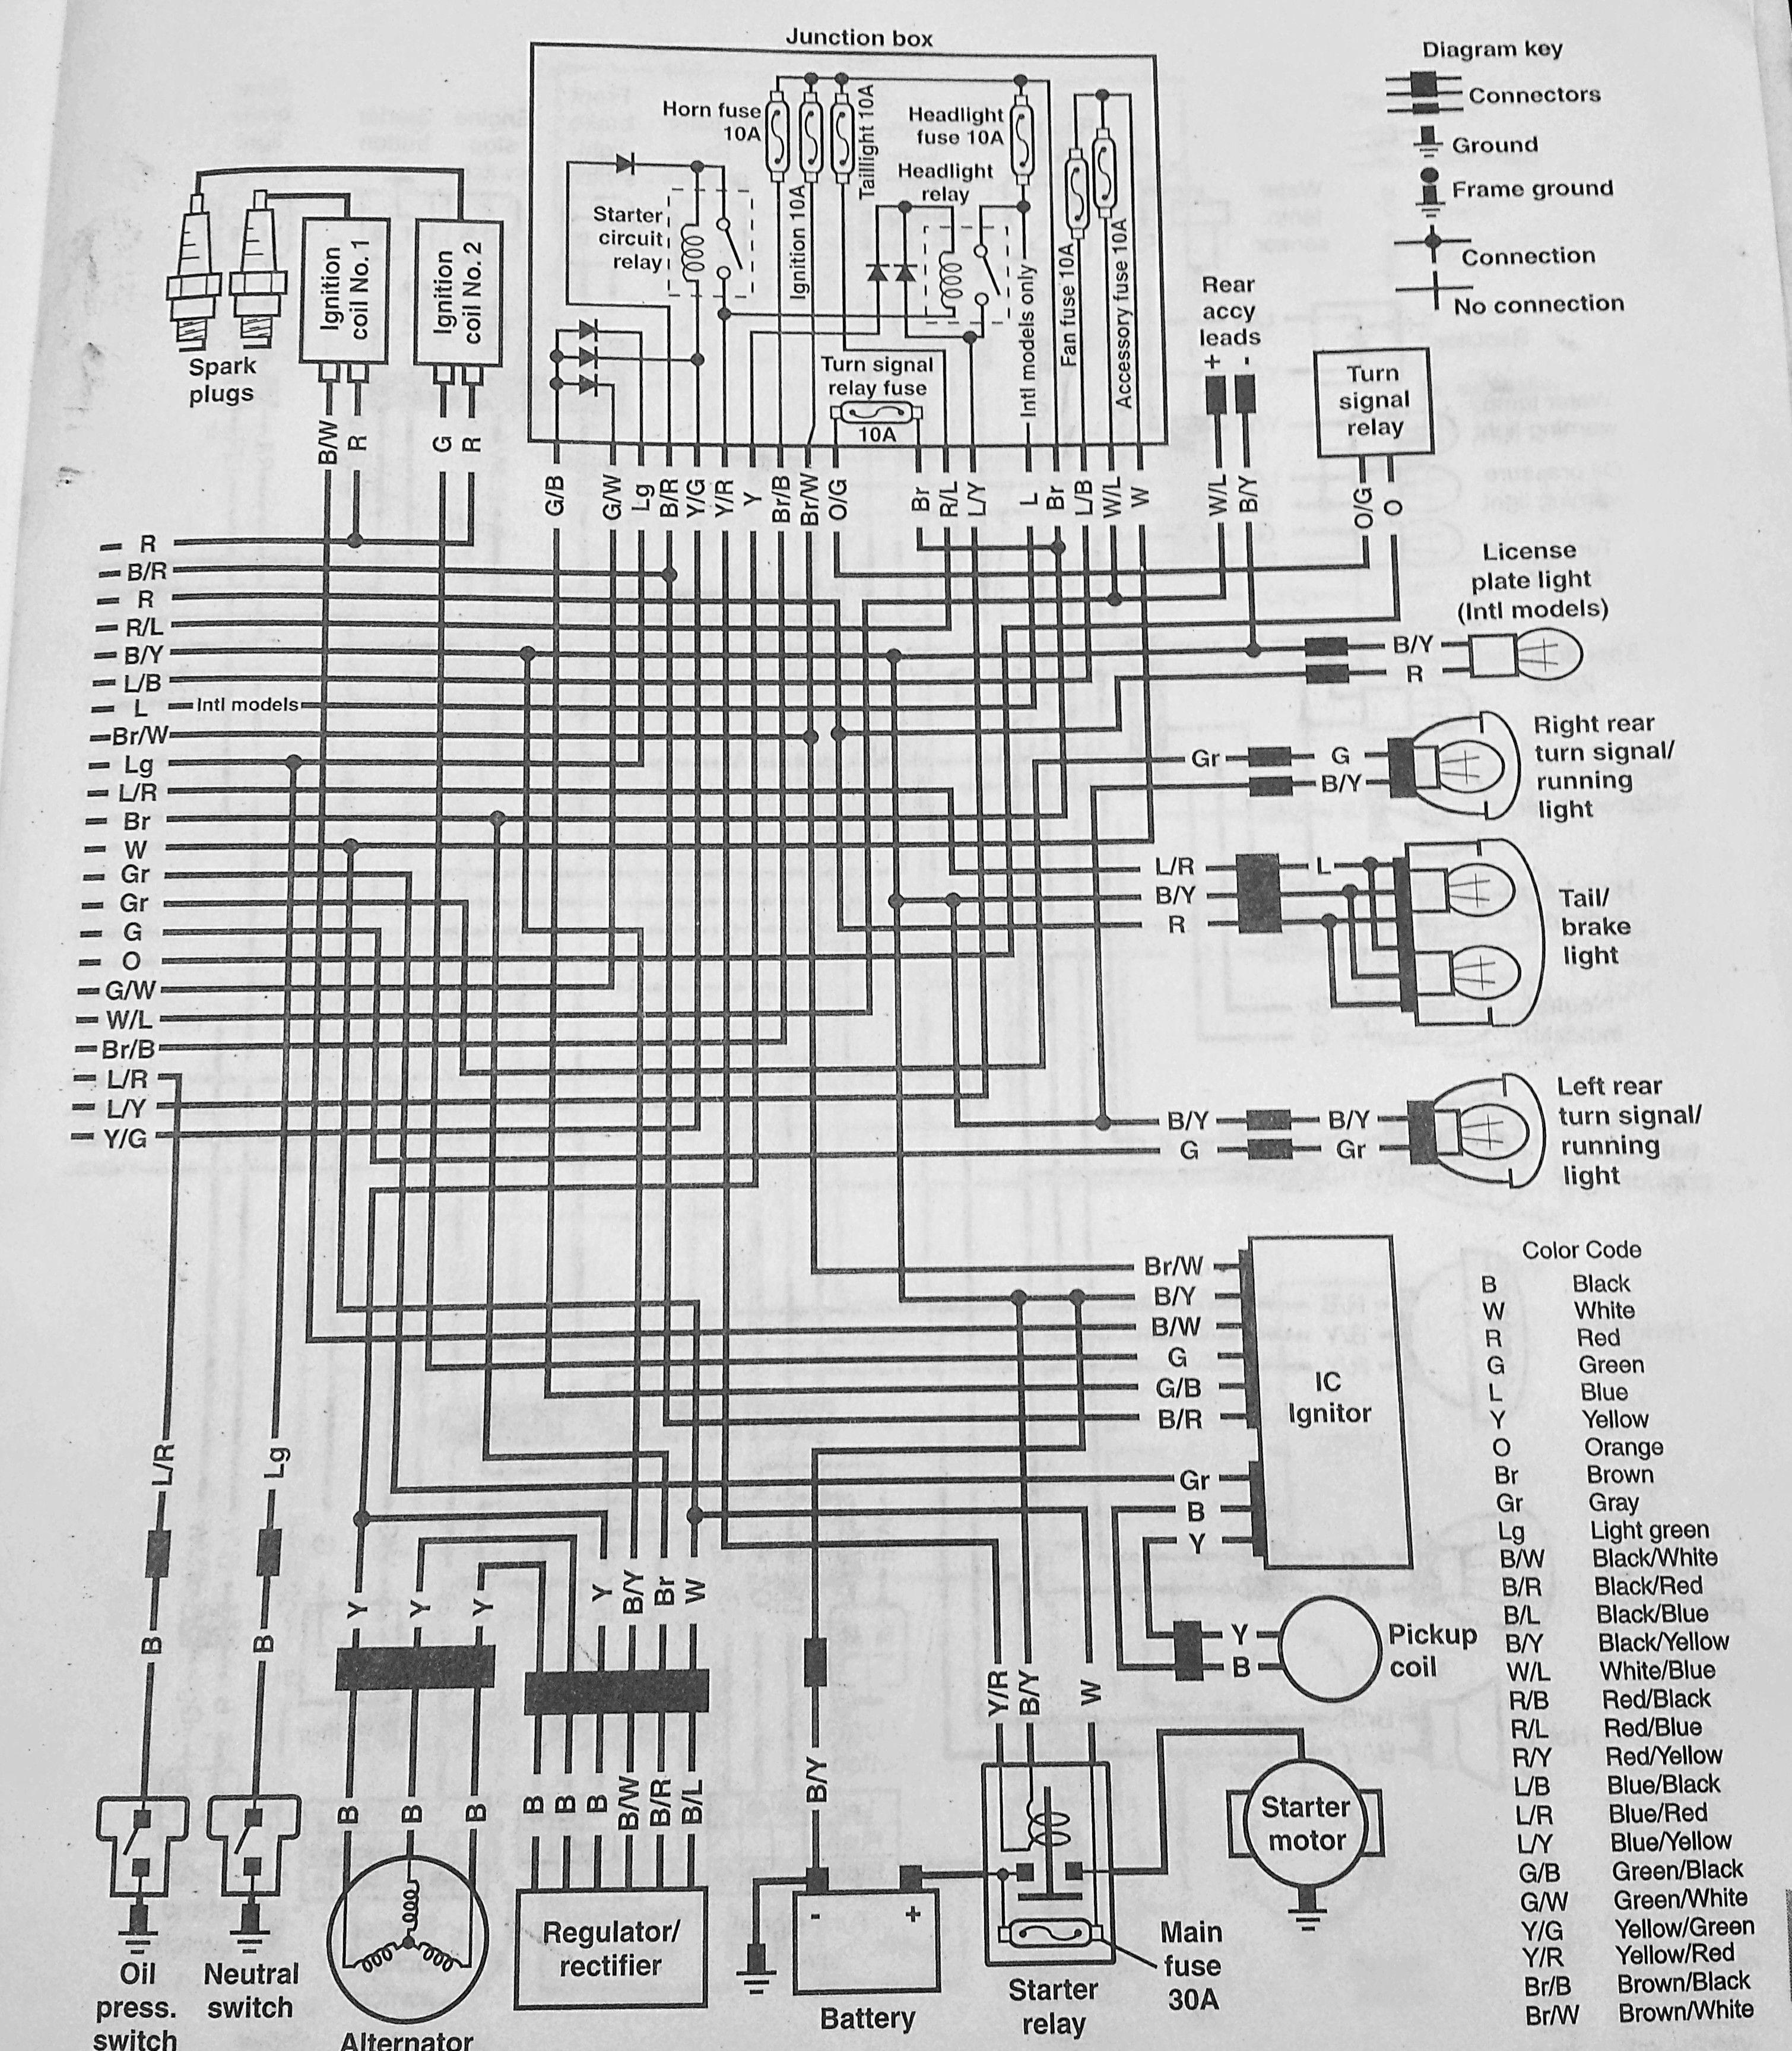 Kawasaki Zrx Wiring Diagram Free Picture Schematic Library Klr 250 Vn800 Schematics Rh Tisza Co Harley Evo 2001